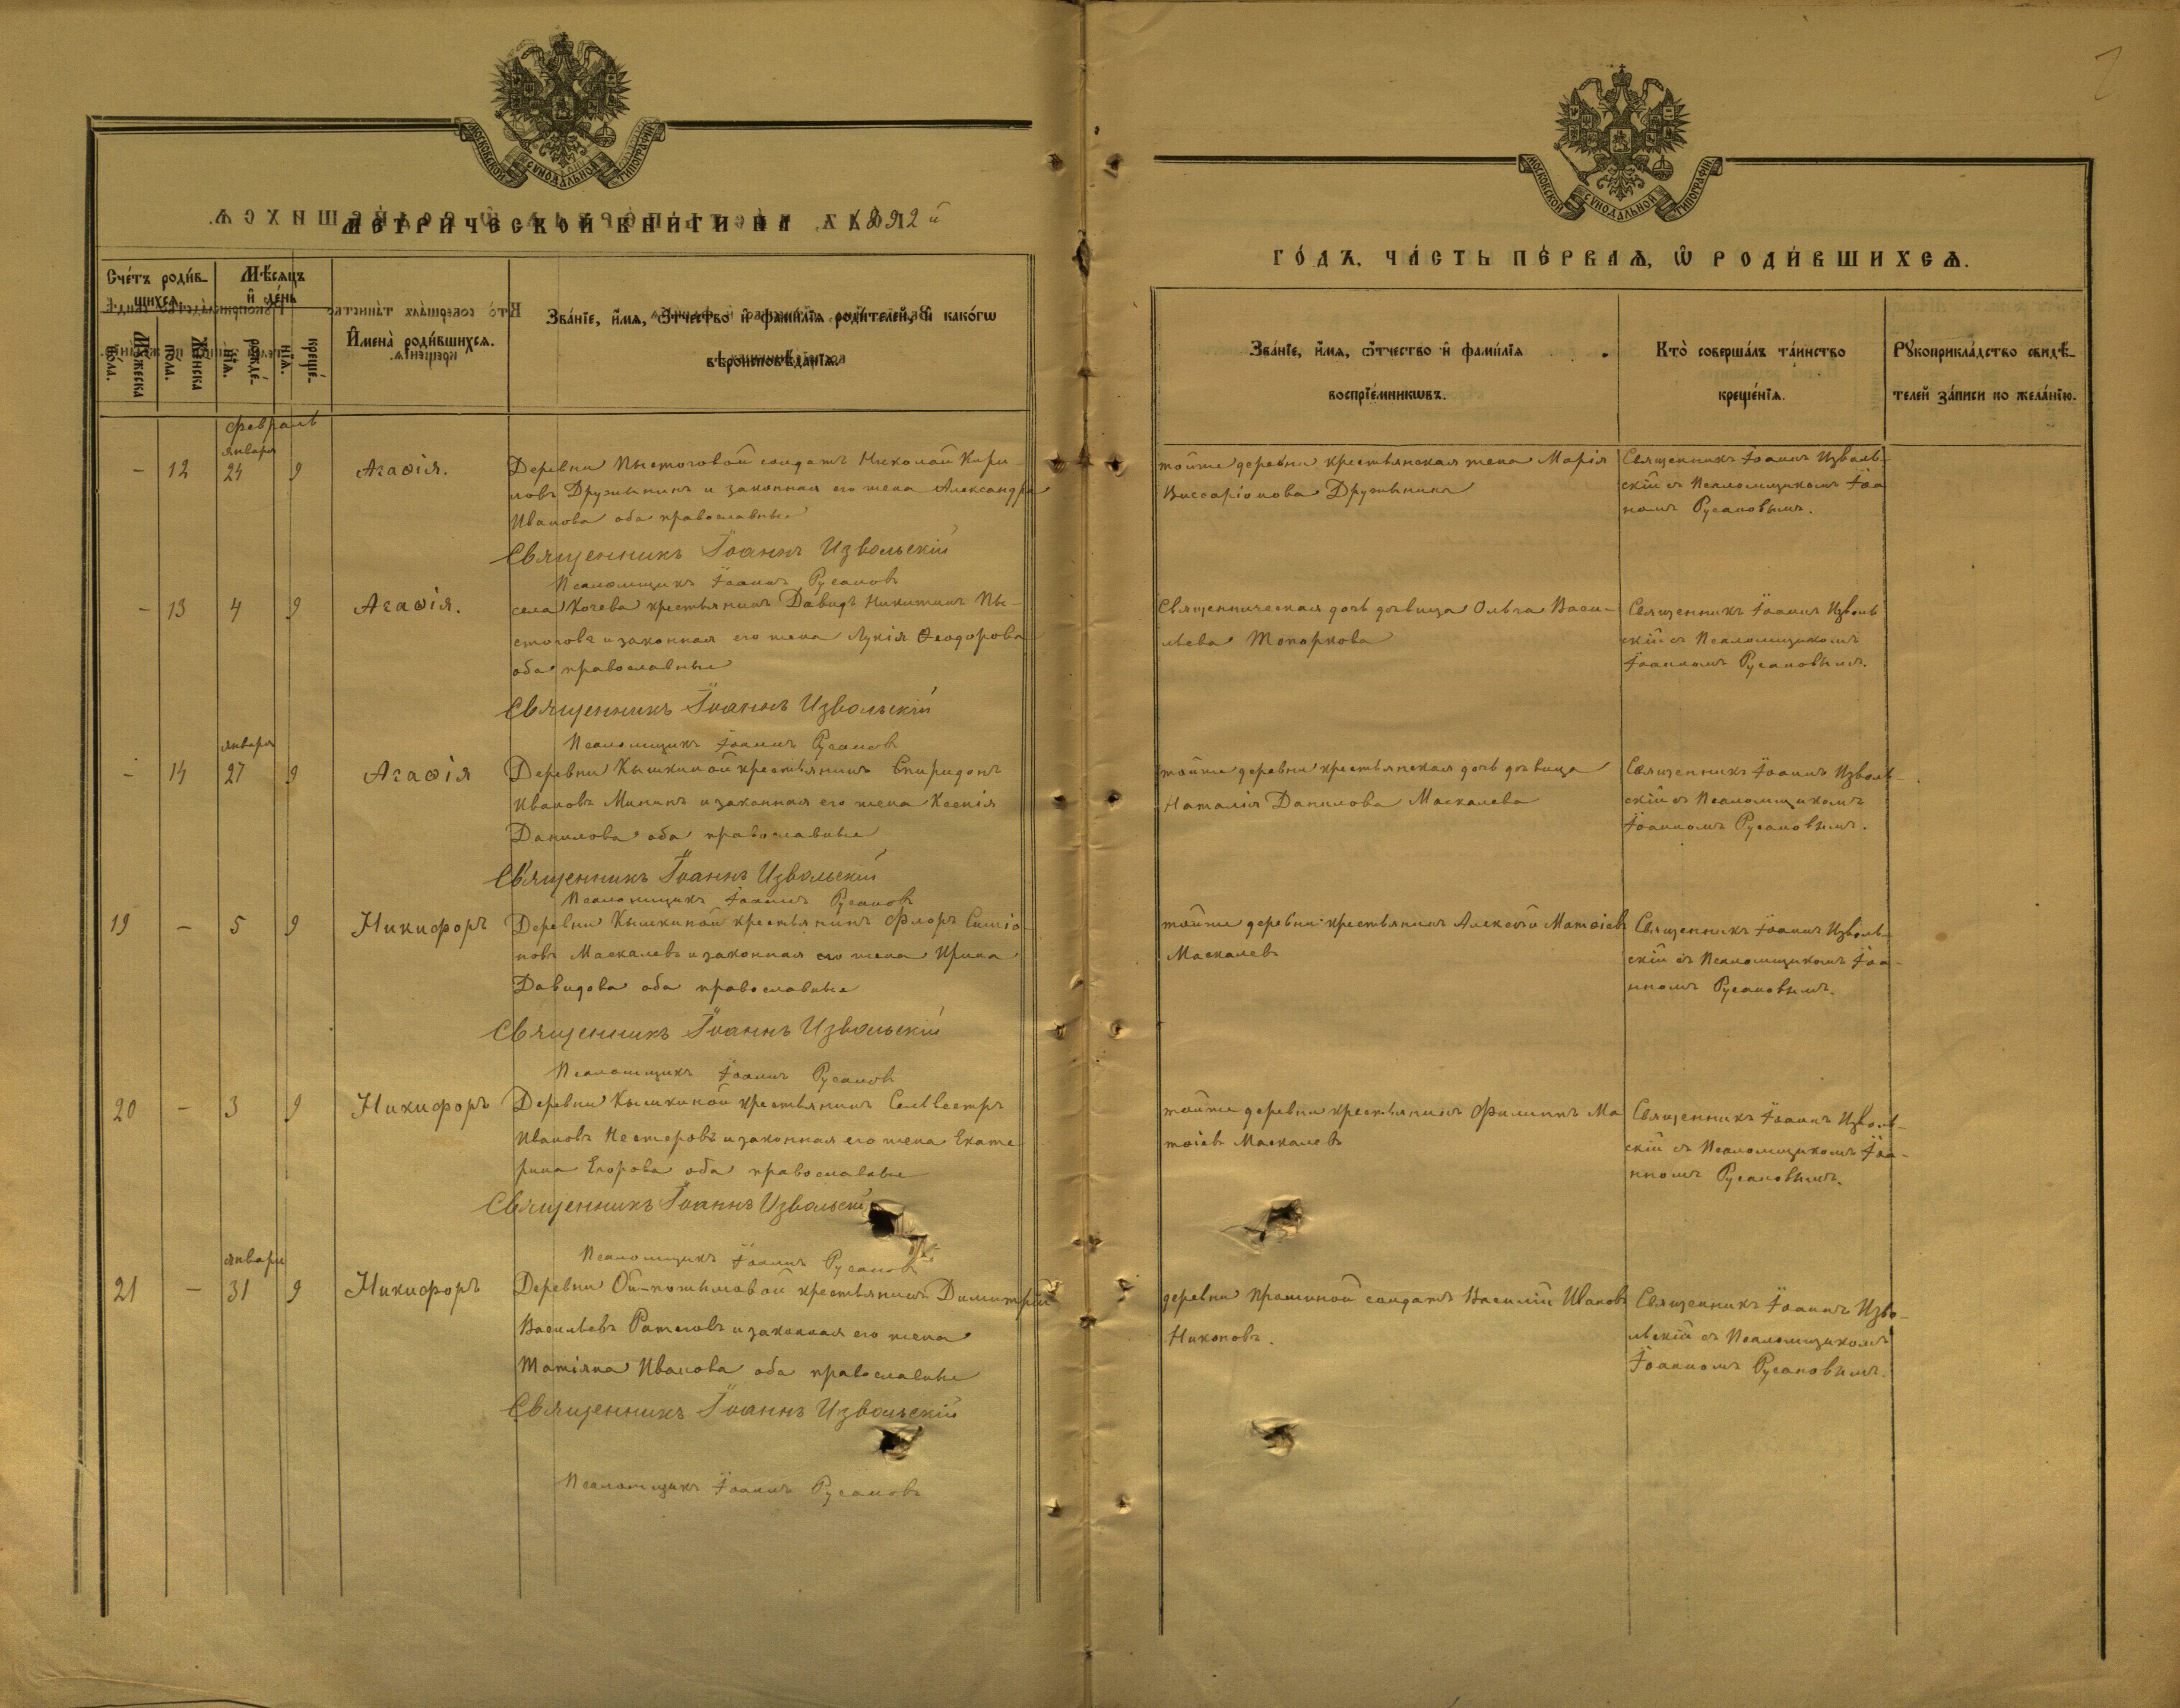 бирюков в п краевой словарь говора исетского зауралья шадринск 1923